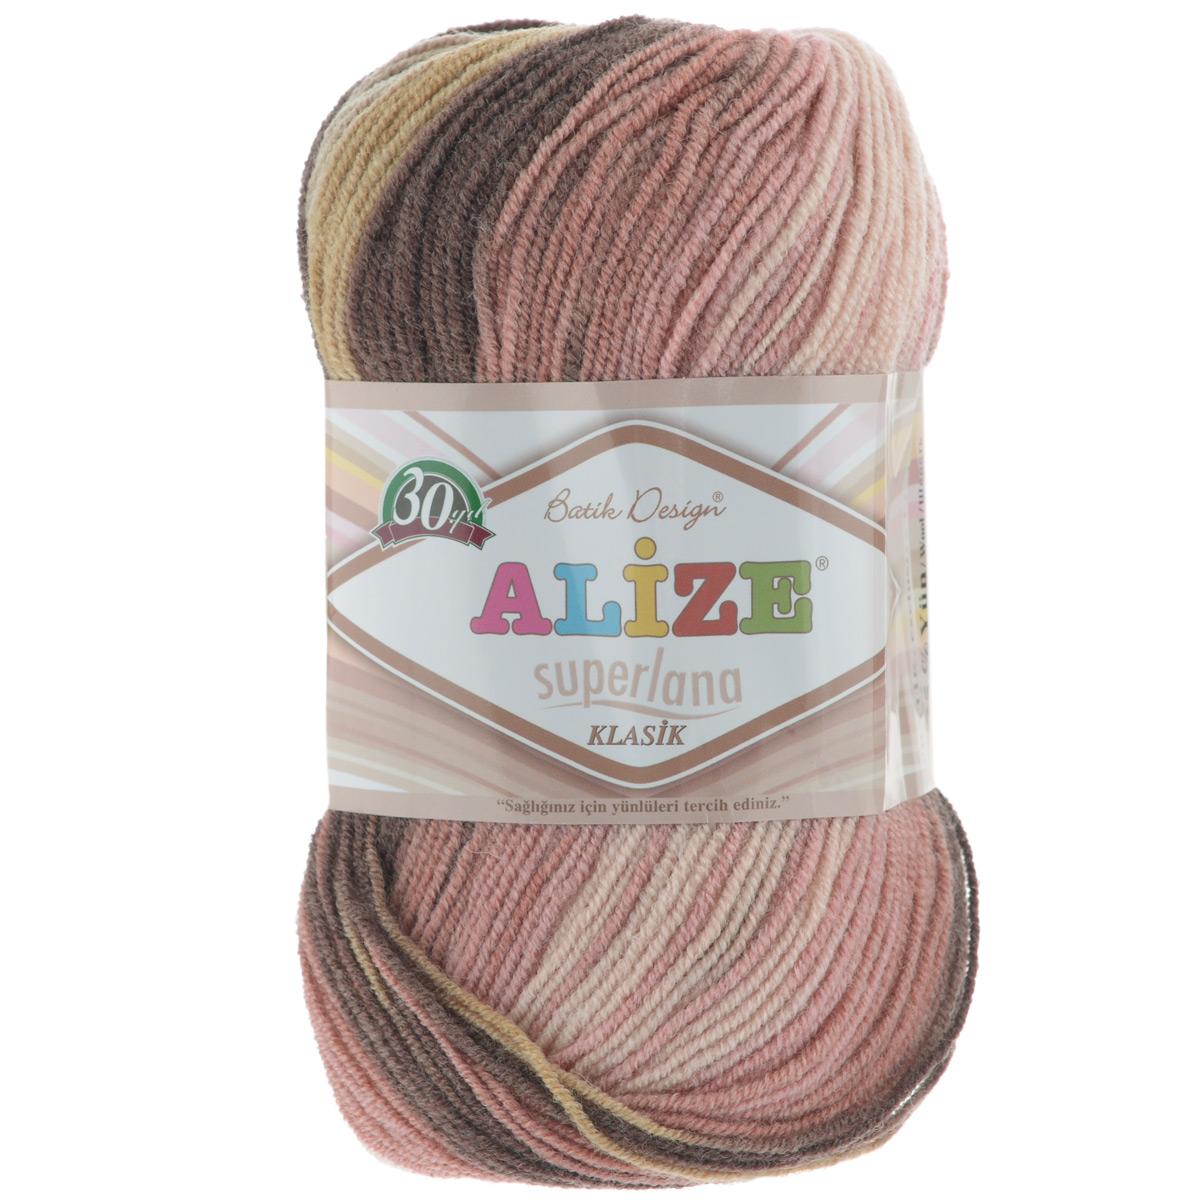 Пряжа для вязания Alize Superlana Klasik Pastel Batik, цвет: розовый, серый, коричневый (3611), 100 г, 280 м, 5 шт364120_3511Пряжа Alize Superlana Klasik Pastel Batik мягкая и приятная, средней толщины. Понравится мастерицам за необычную текстуру нити, напоминающую типом кручения тонкий шнурок, а владелицы готовых вещей оценят роскошную палитру нежнейших меланжевых переходов и изумительных оттенков пастельных тонов. Связать из такой нити можно легкую кофту, стильное платье, берет, и даже оригинальный топ. Рекомендуется для вязания крючком и на спицах 3-4 мм. Состав: 75% акрил, 25% шерсть.